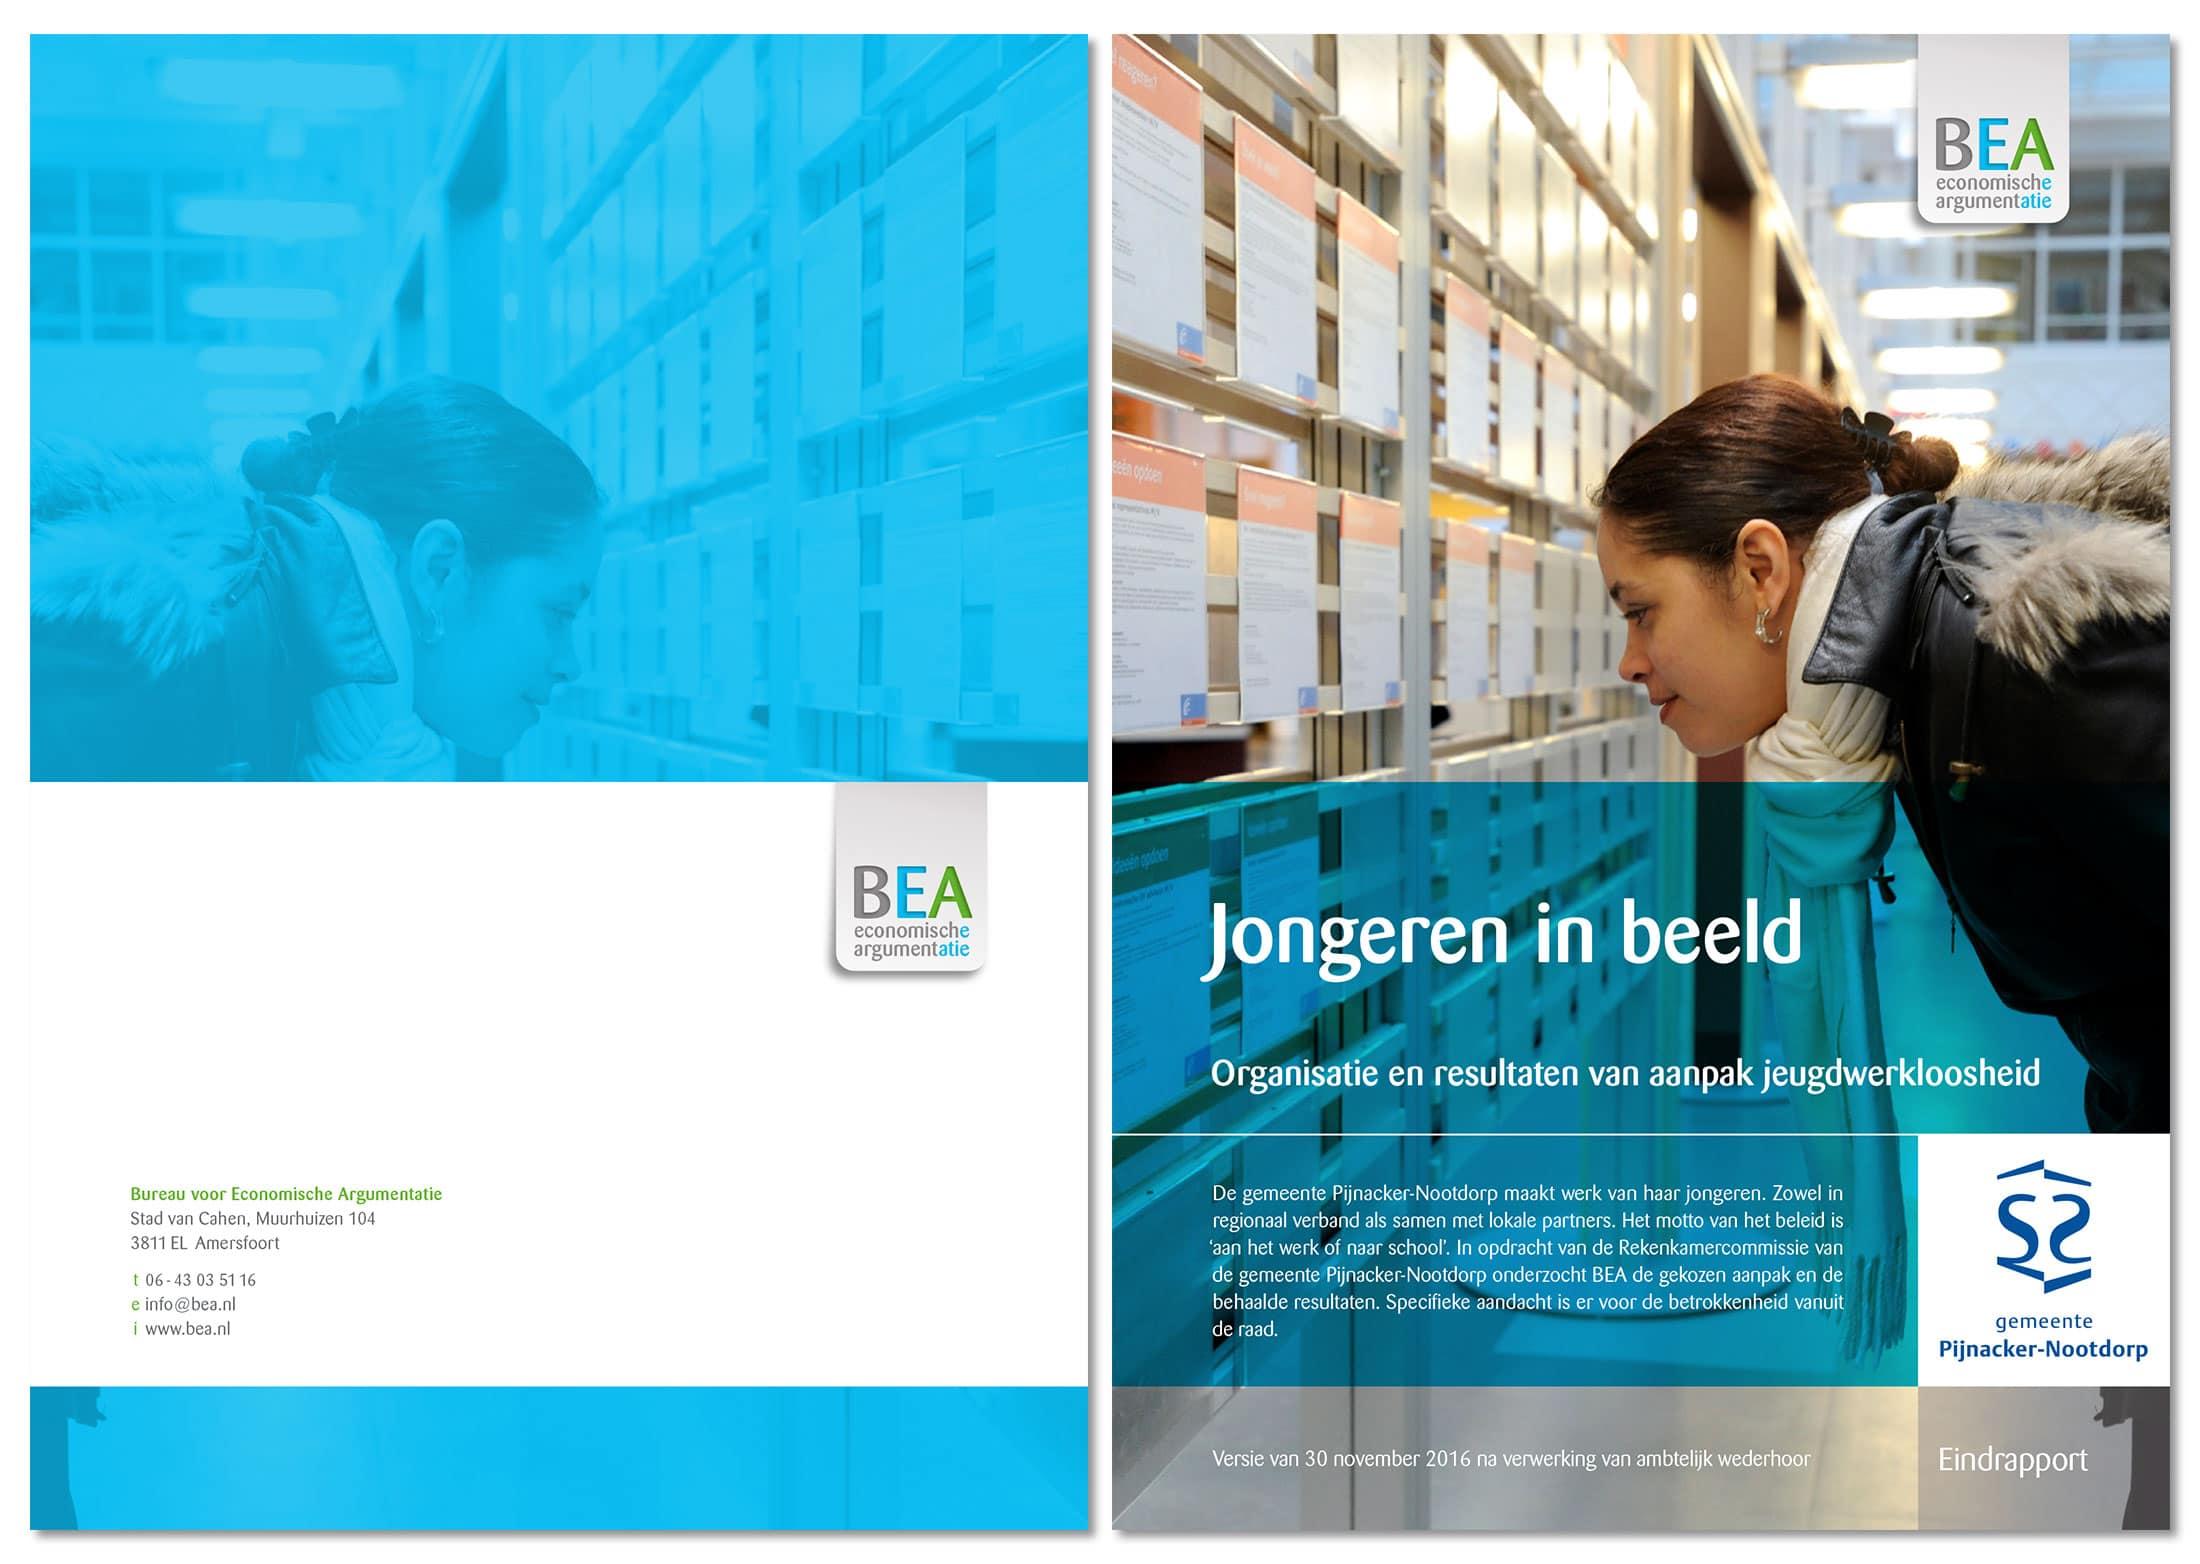 bea rapport uitgelicht | BEA heeft unieke rapportomslagen in een handomdraai